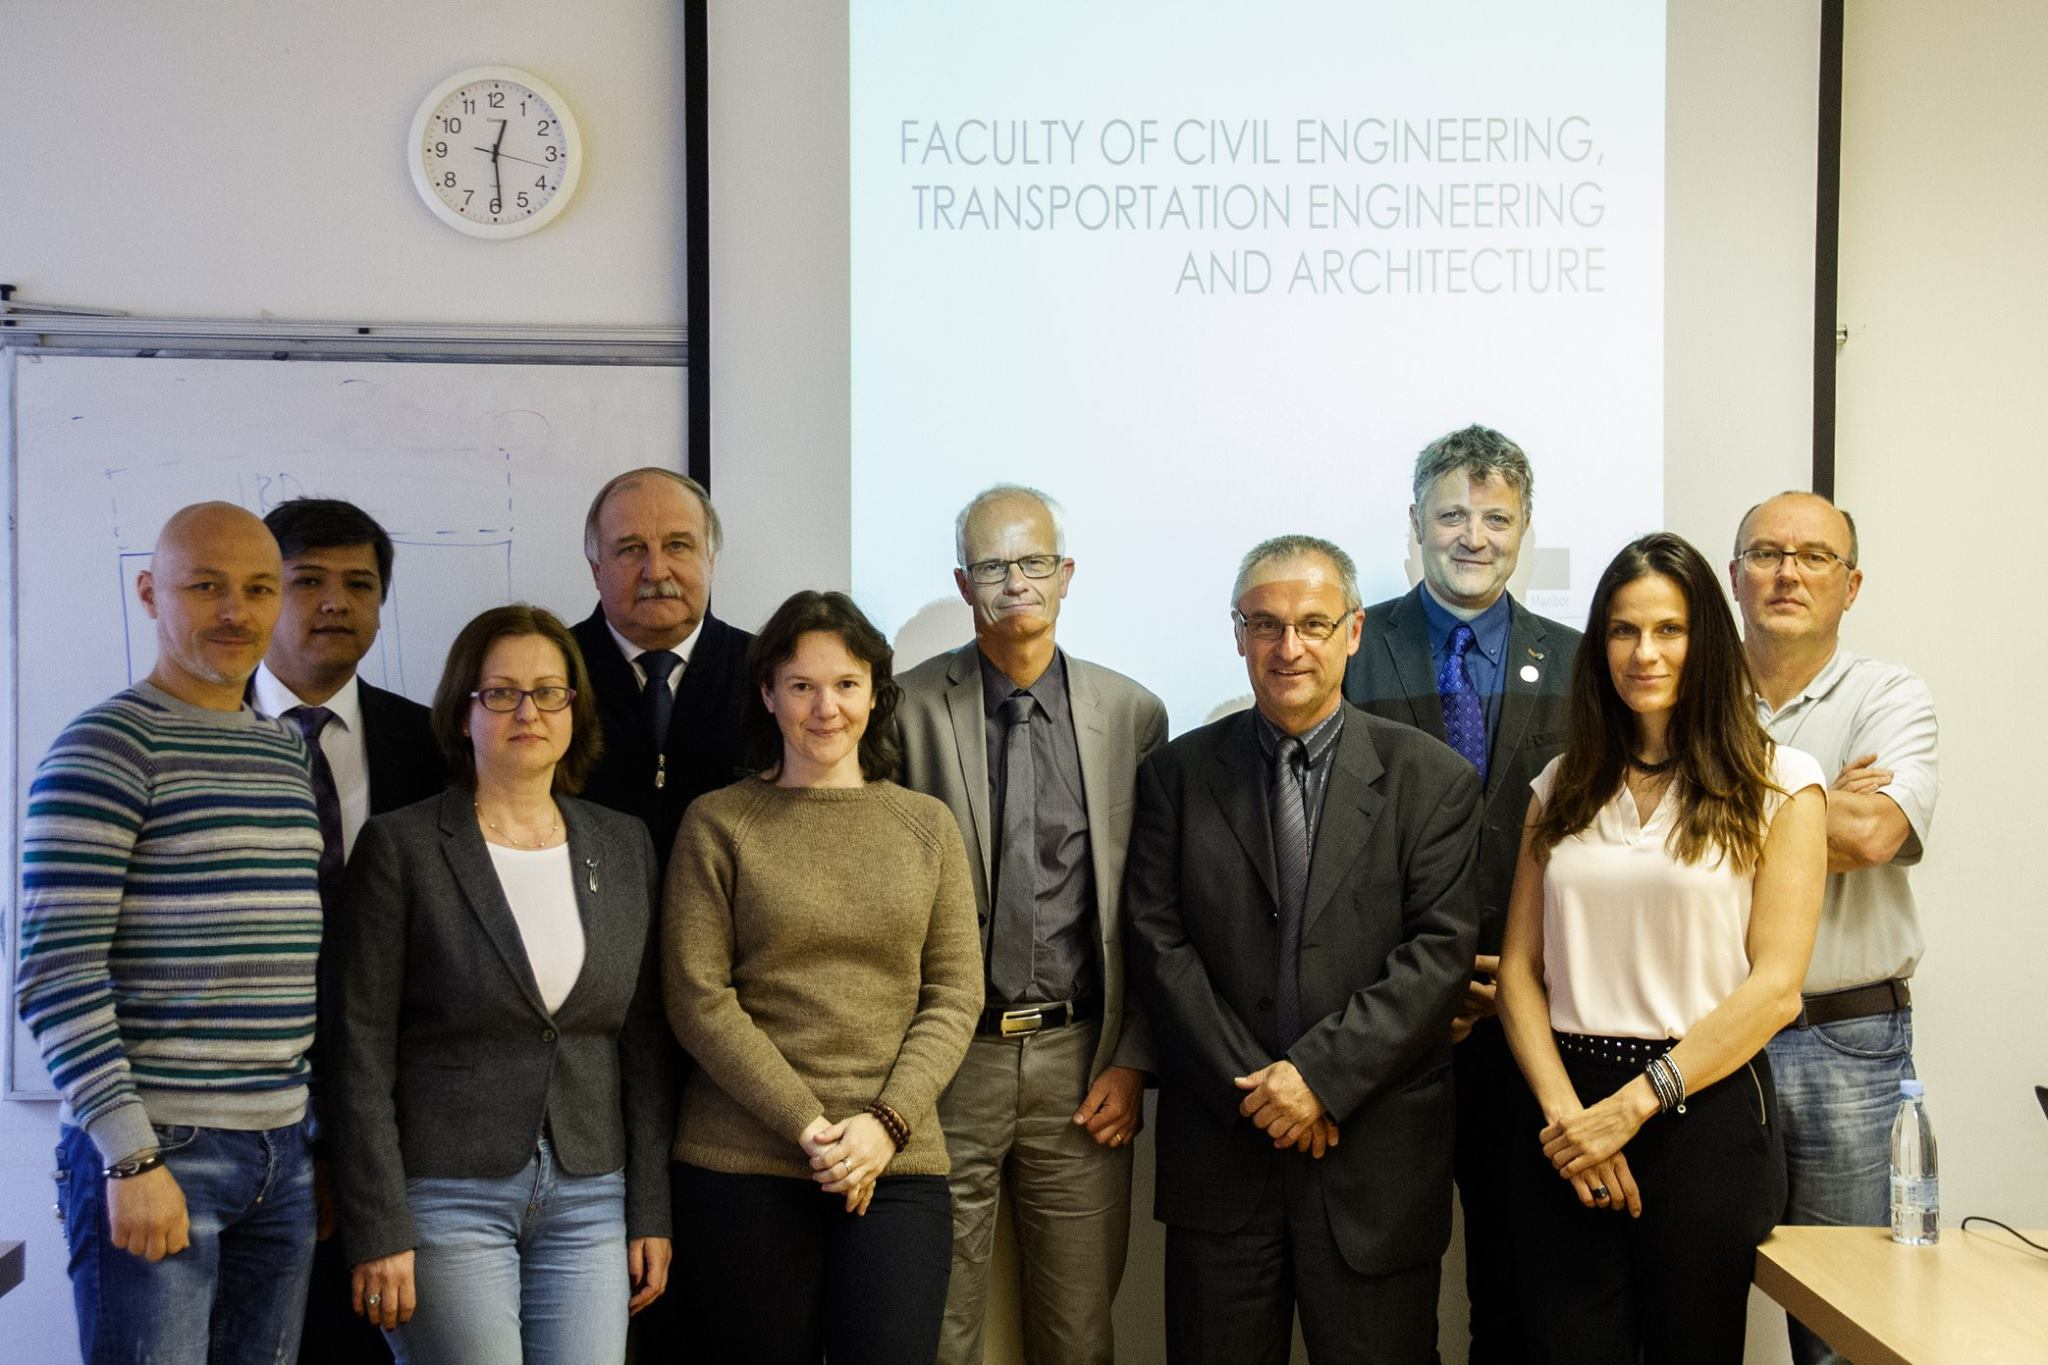 Obisk Fakultete za gradbeništvo, prometno inženirstvo in arhitekturo Univerze v Mariboru